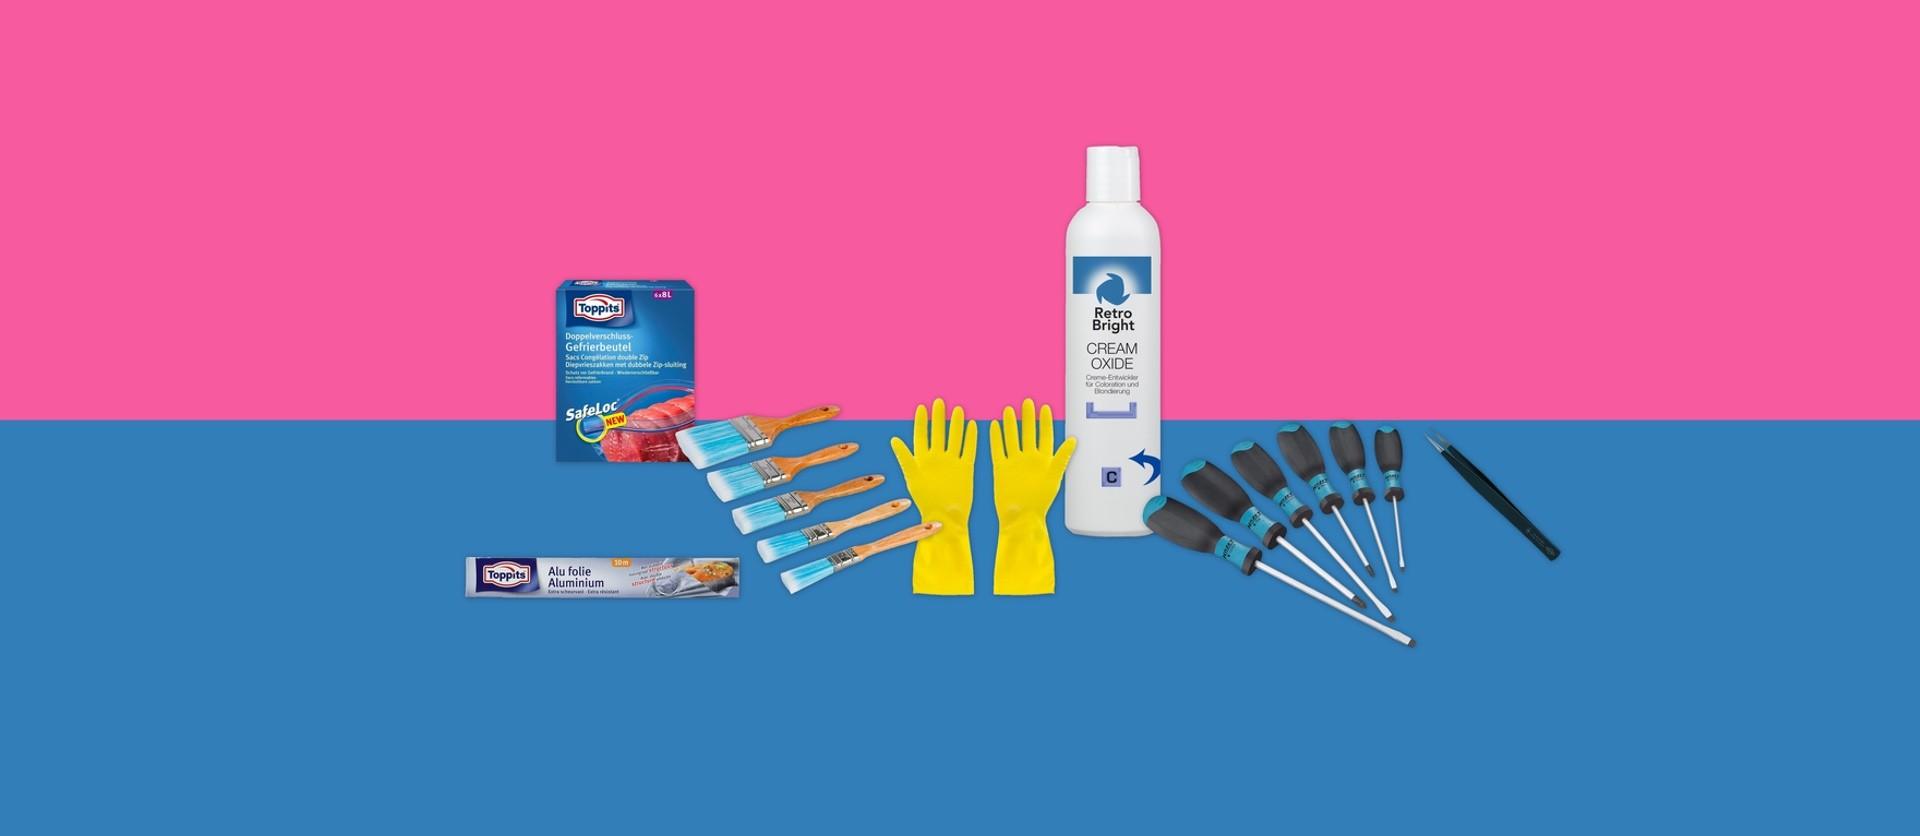 Plastik bleichen mit Bleichmittel